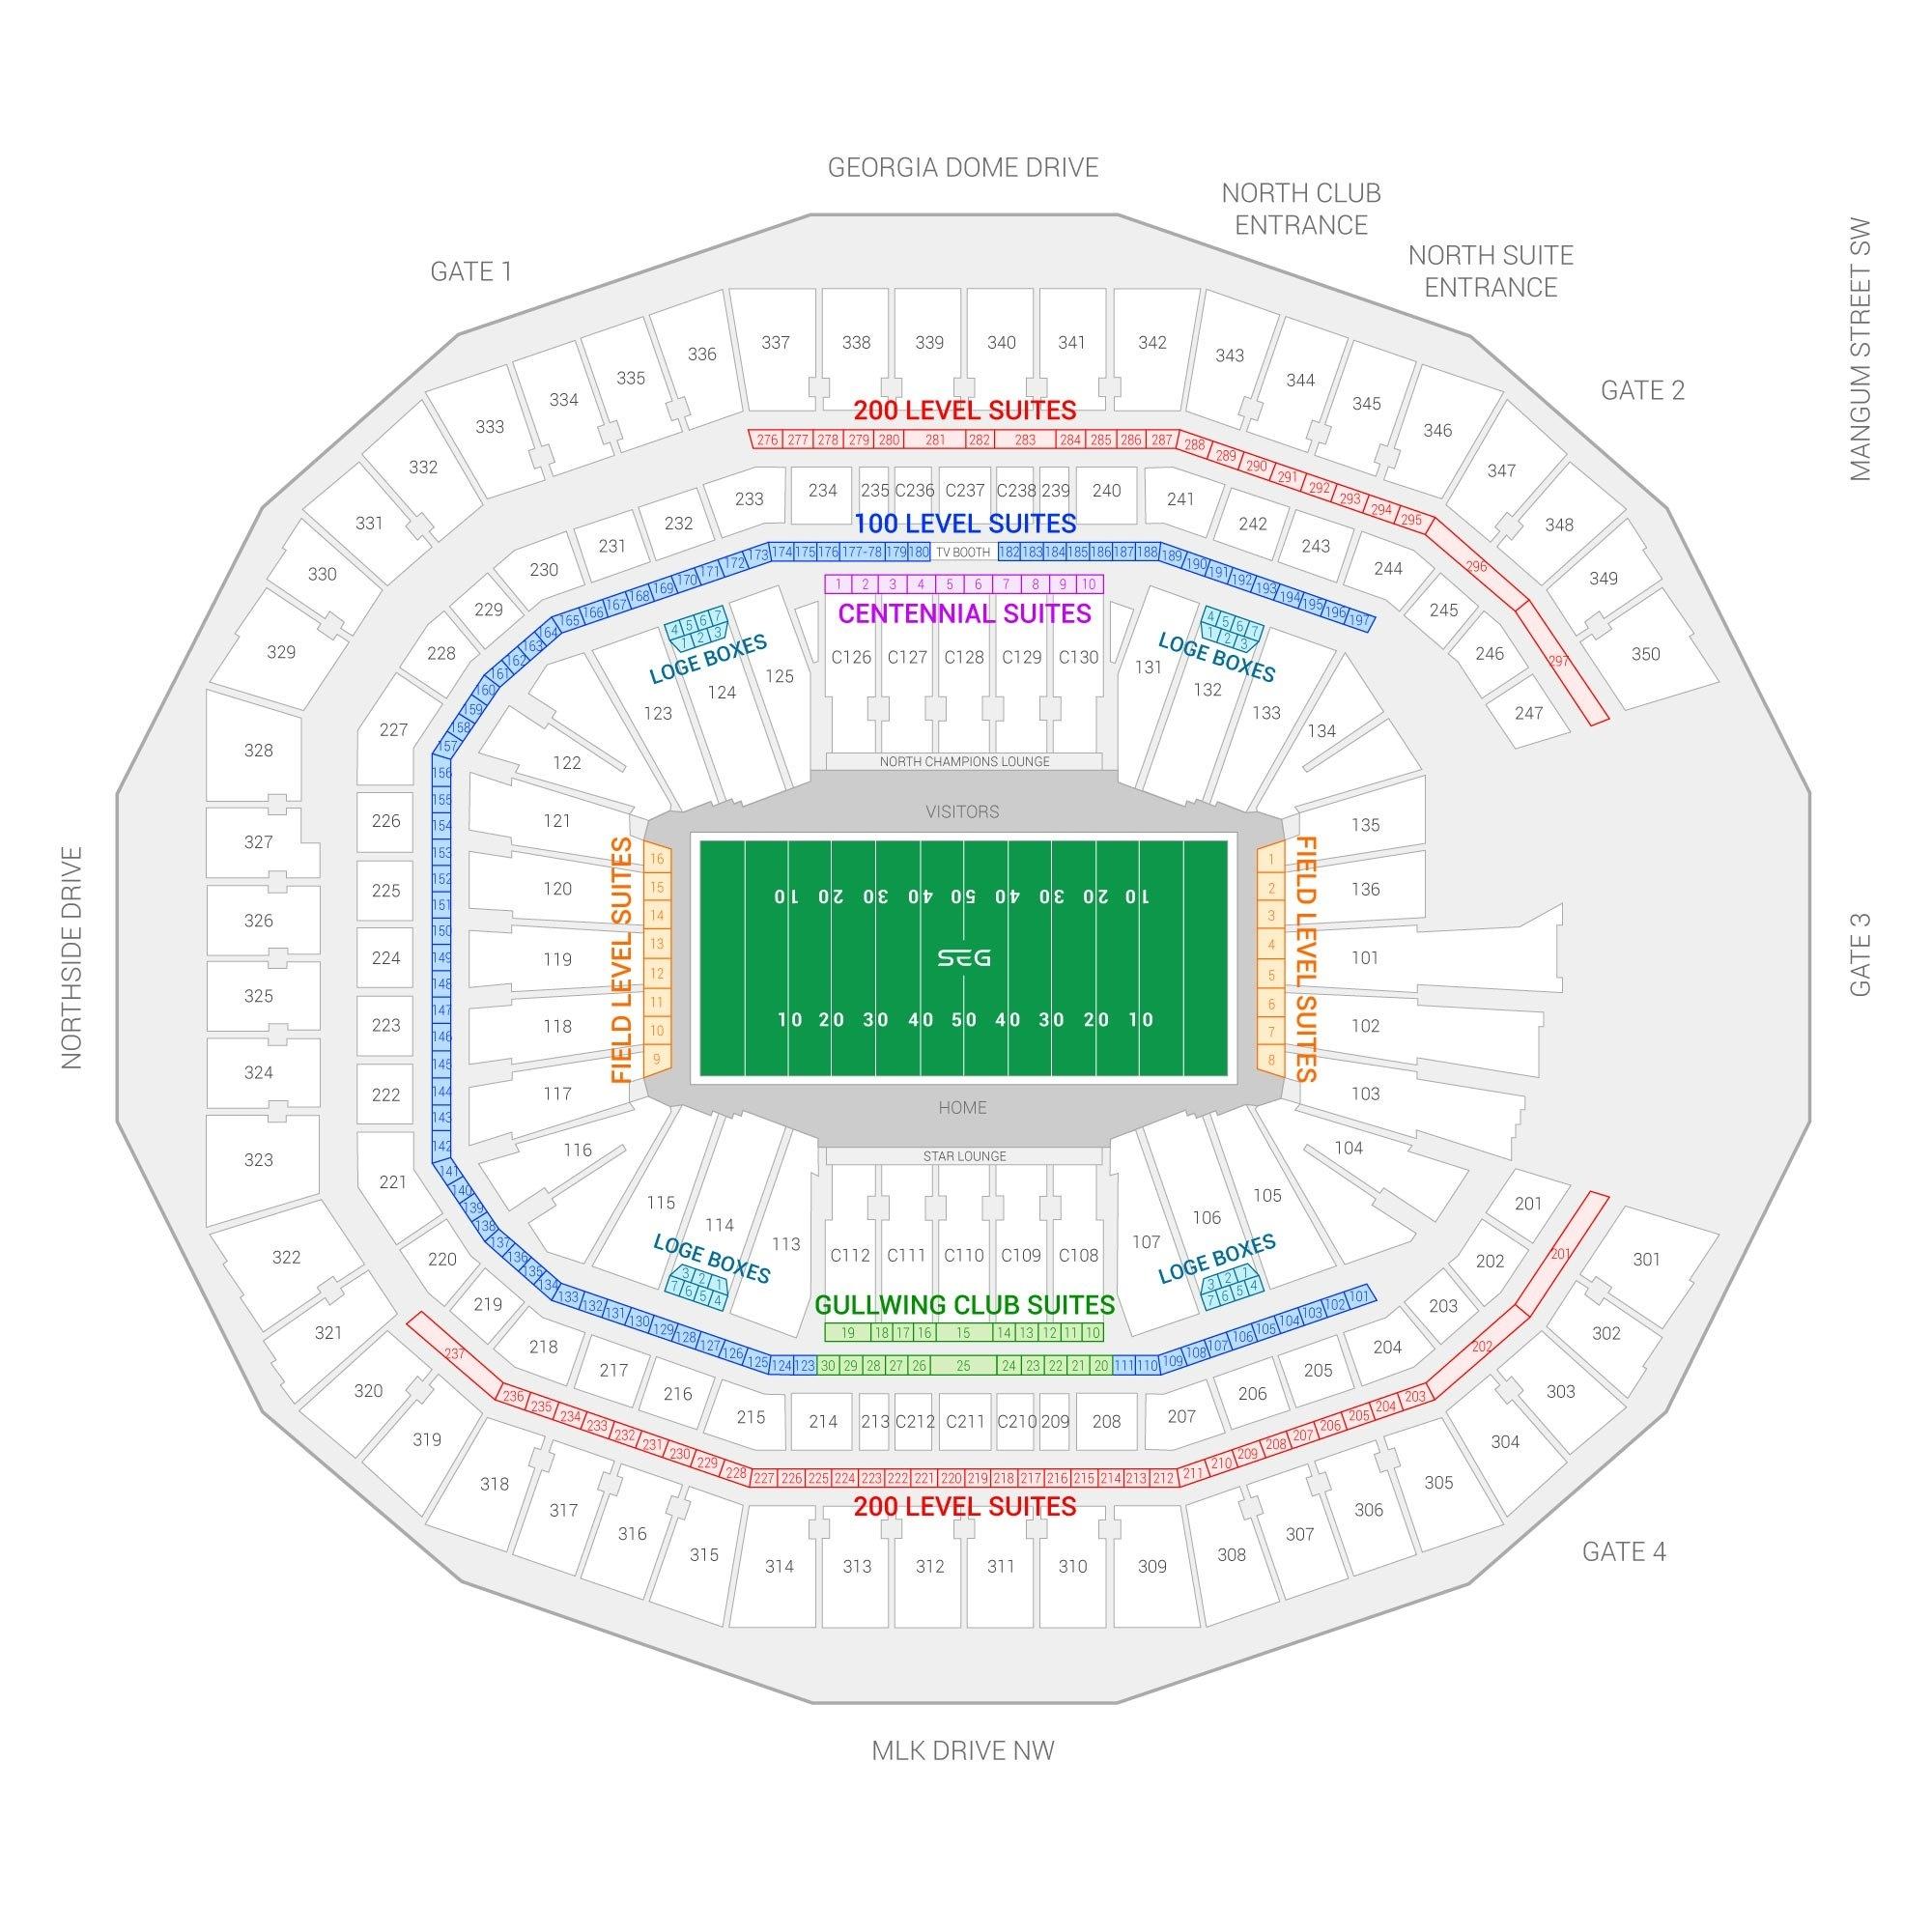 Super Bowl Liii Suite Rentals | Mercedes-Benz Stadium regarding Seating Capacity At Super Bowl